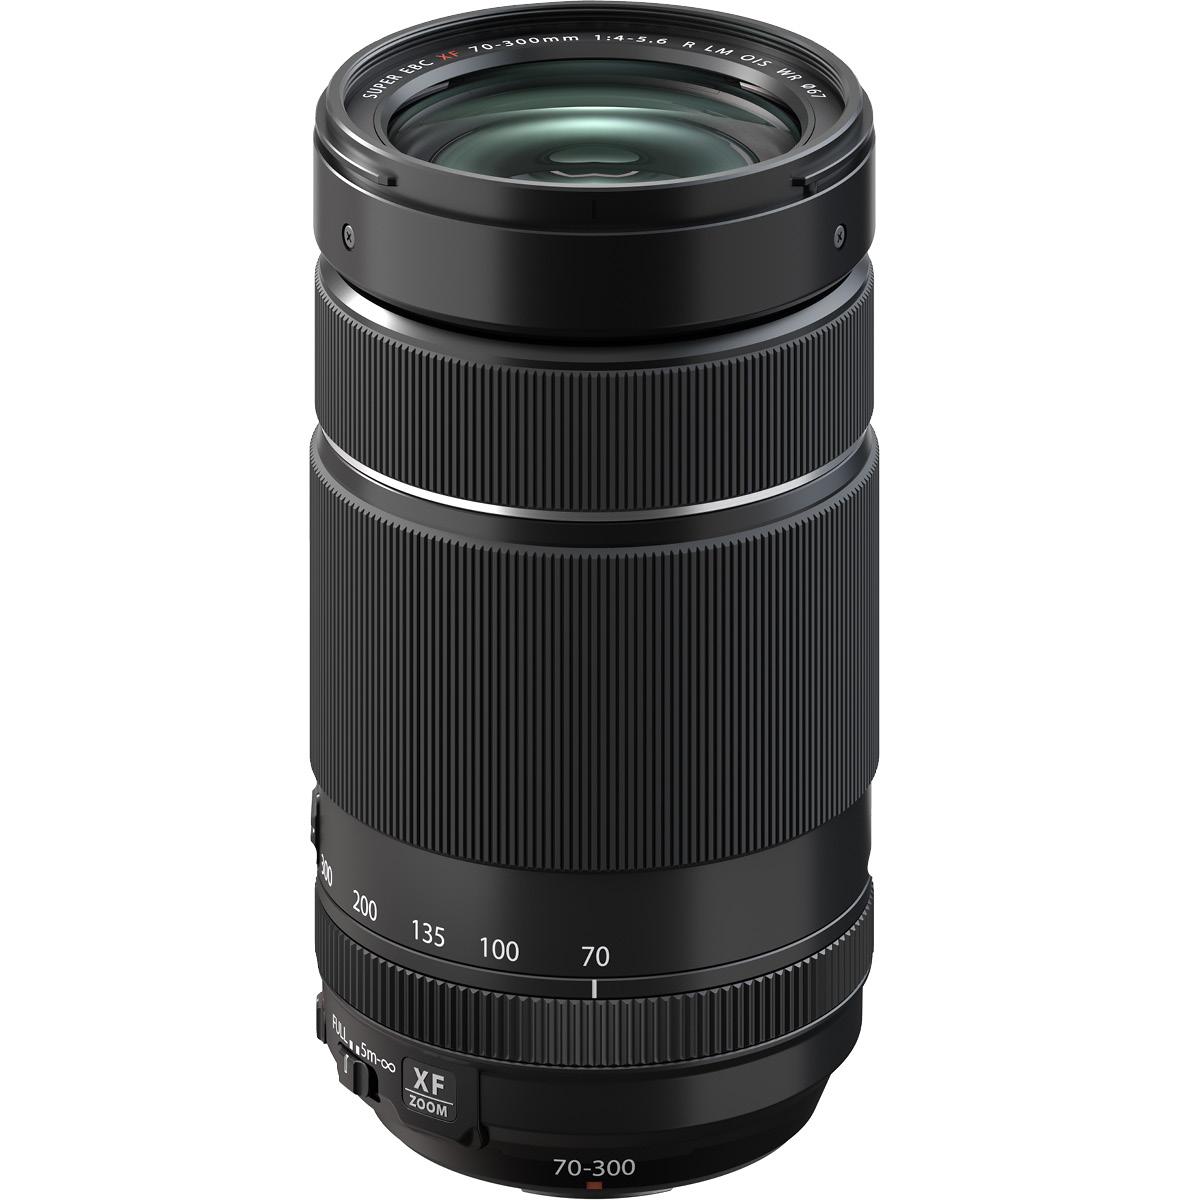 Fujifilm XF 70-300 mm 1:4,0-5,6 R LM OIS WR